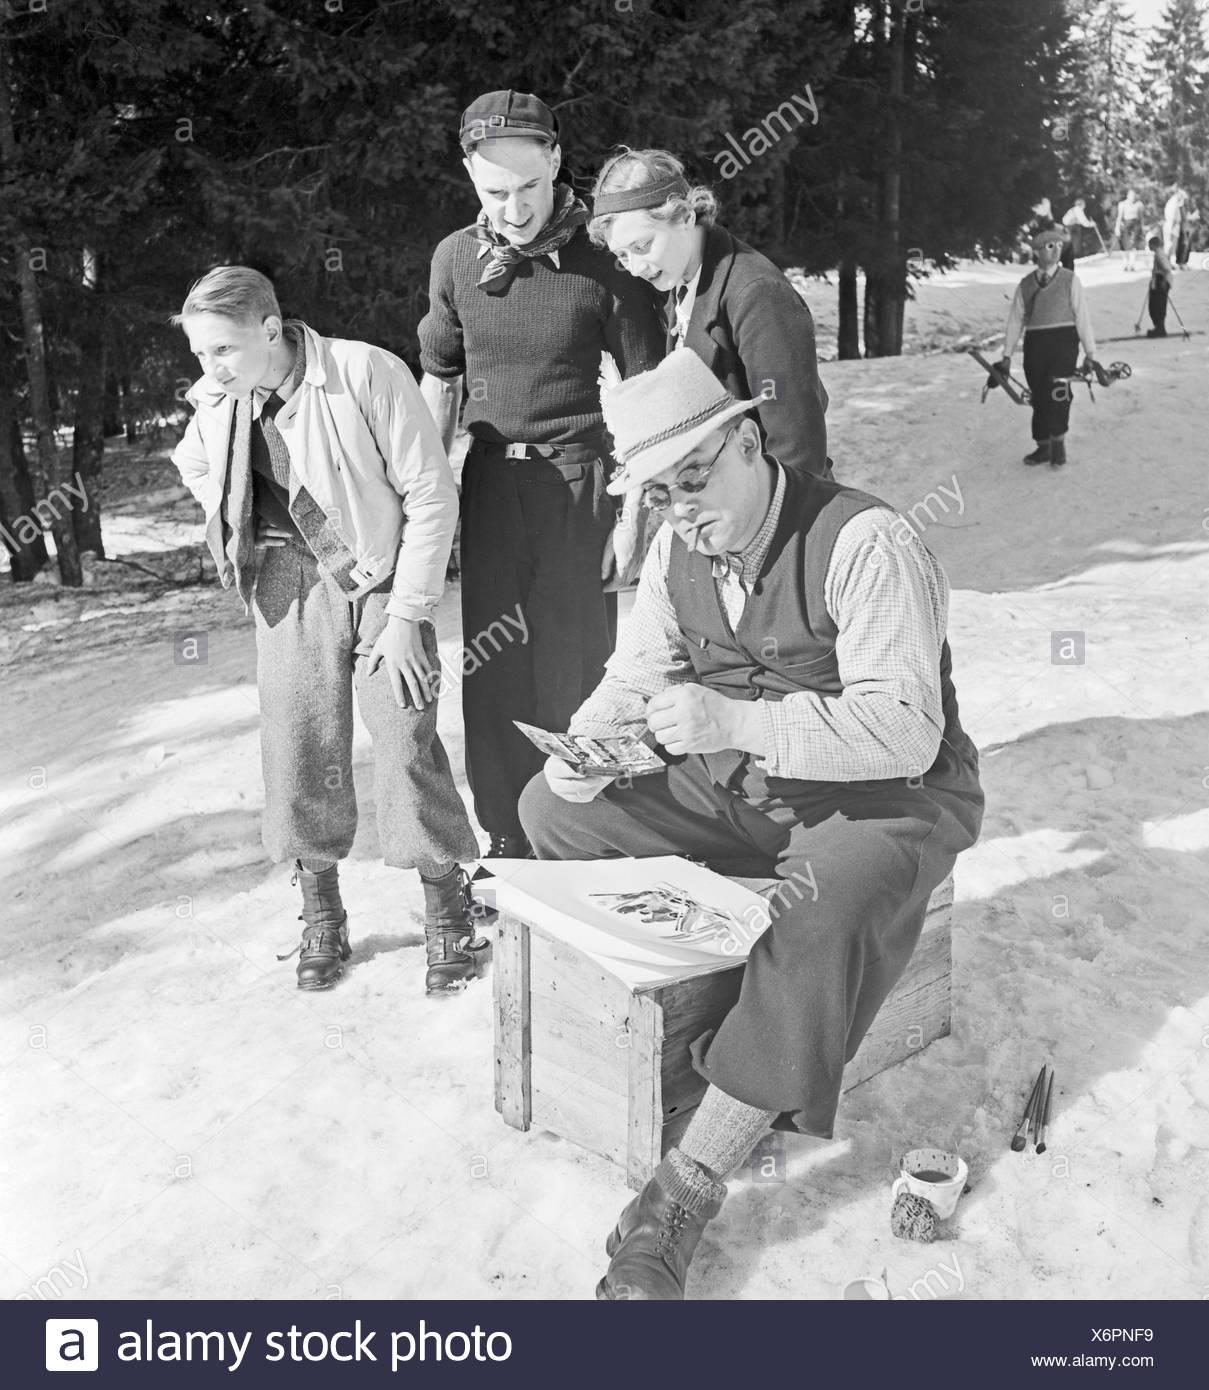 Ein Ausflug in Das Skigebiet Reheberg Im Erzgebirge, 1930er Jahre Deutsches Reich. Ein Ausflug ins Schigebiet Rehberg im Erzgebirge, Deutschland der 1930er Jahre. Stockbild